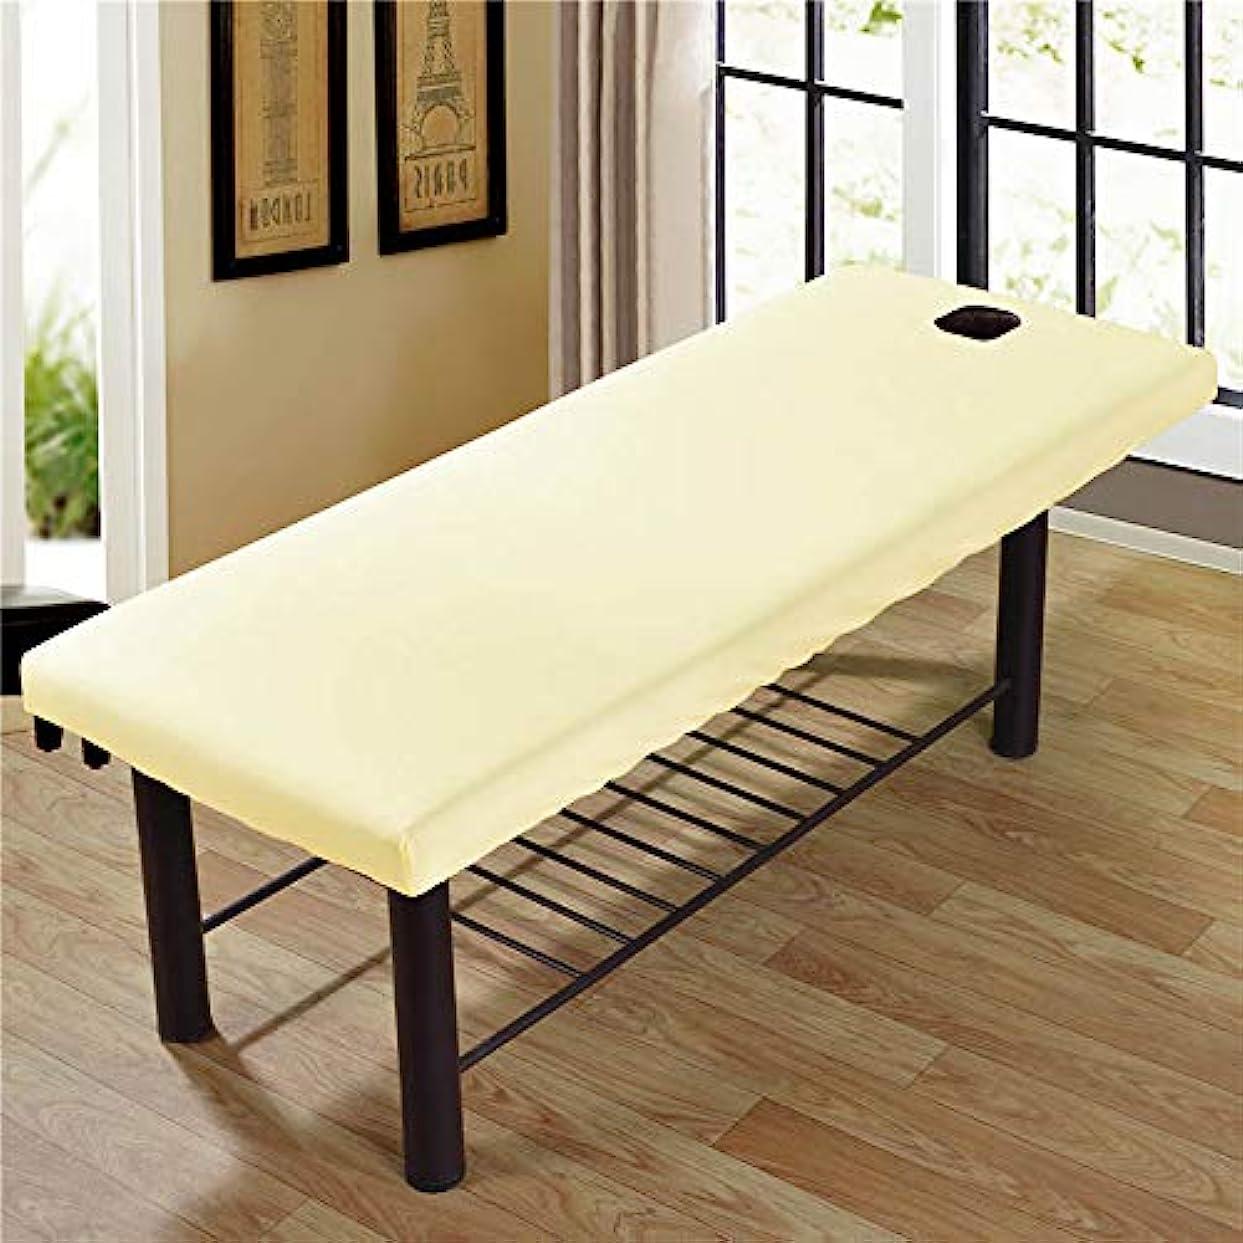 コーチマンモス結晶JanusSaja 美容院のマッサージ療法のベッドのための柔らかいSoliod色の長方形のマットレス